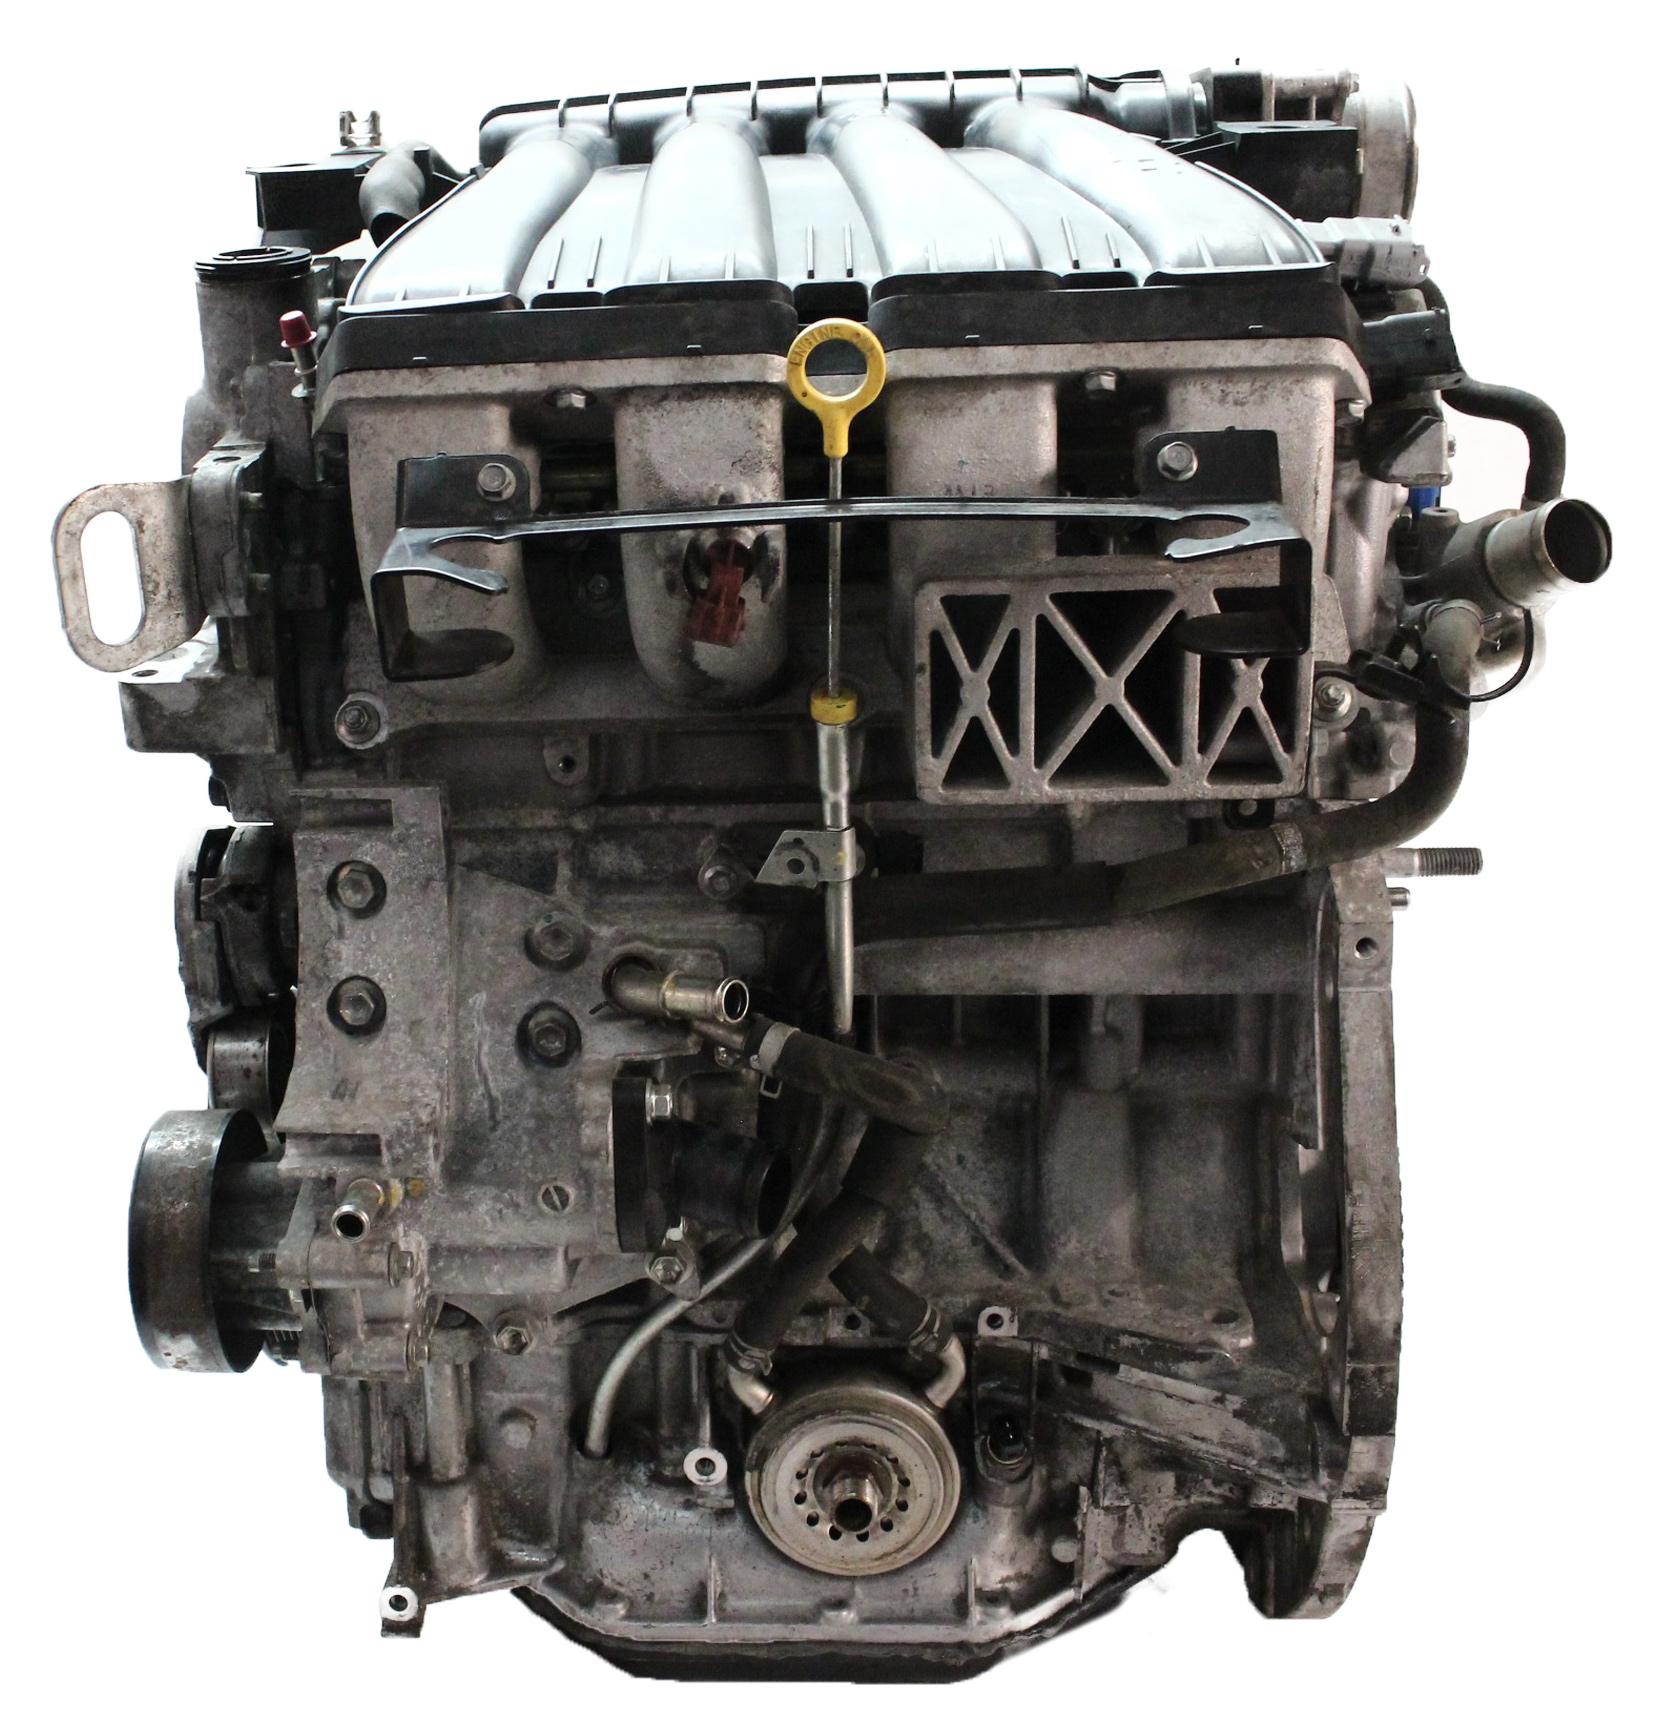 Motor 2012 Renault 2,0 CVT M4R711 140 PS